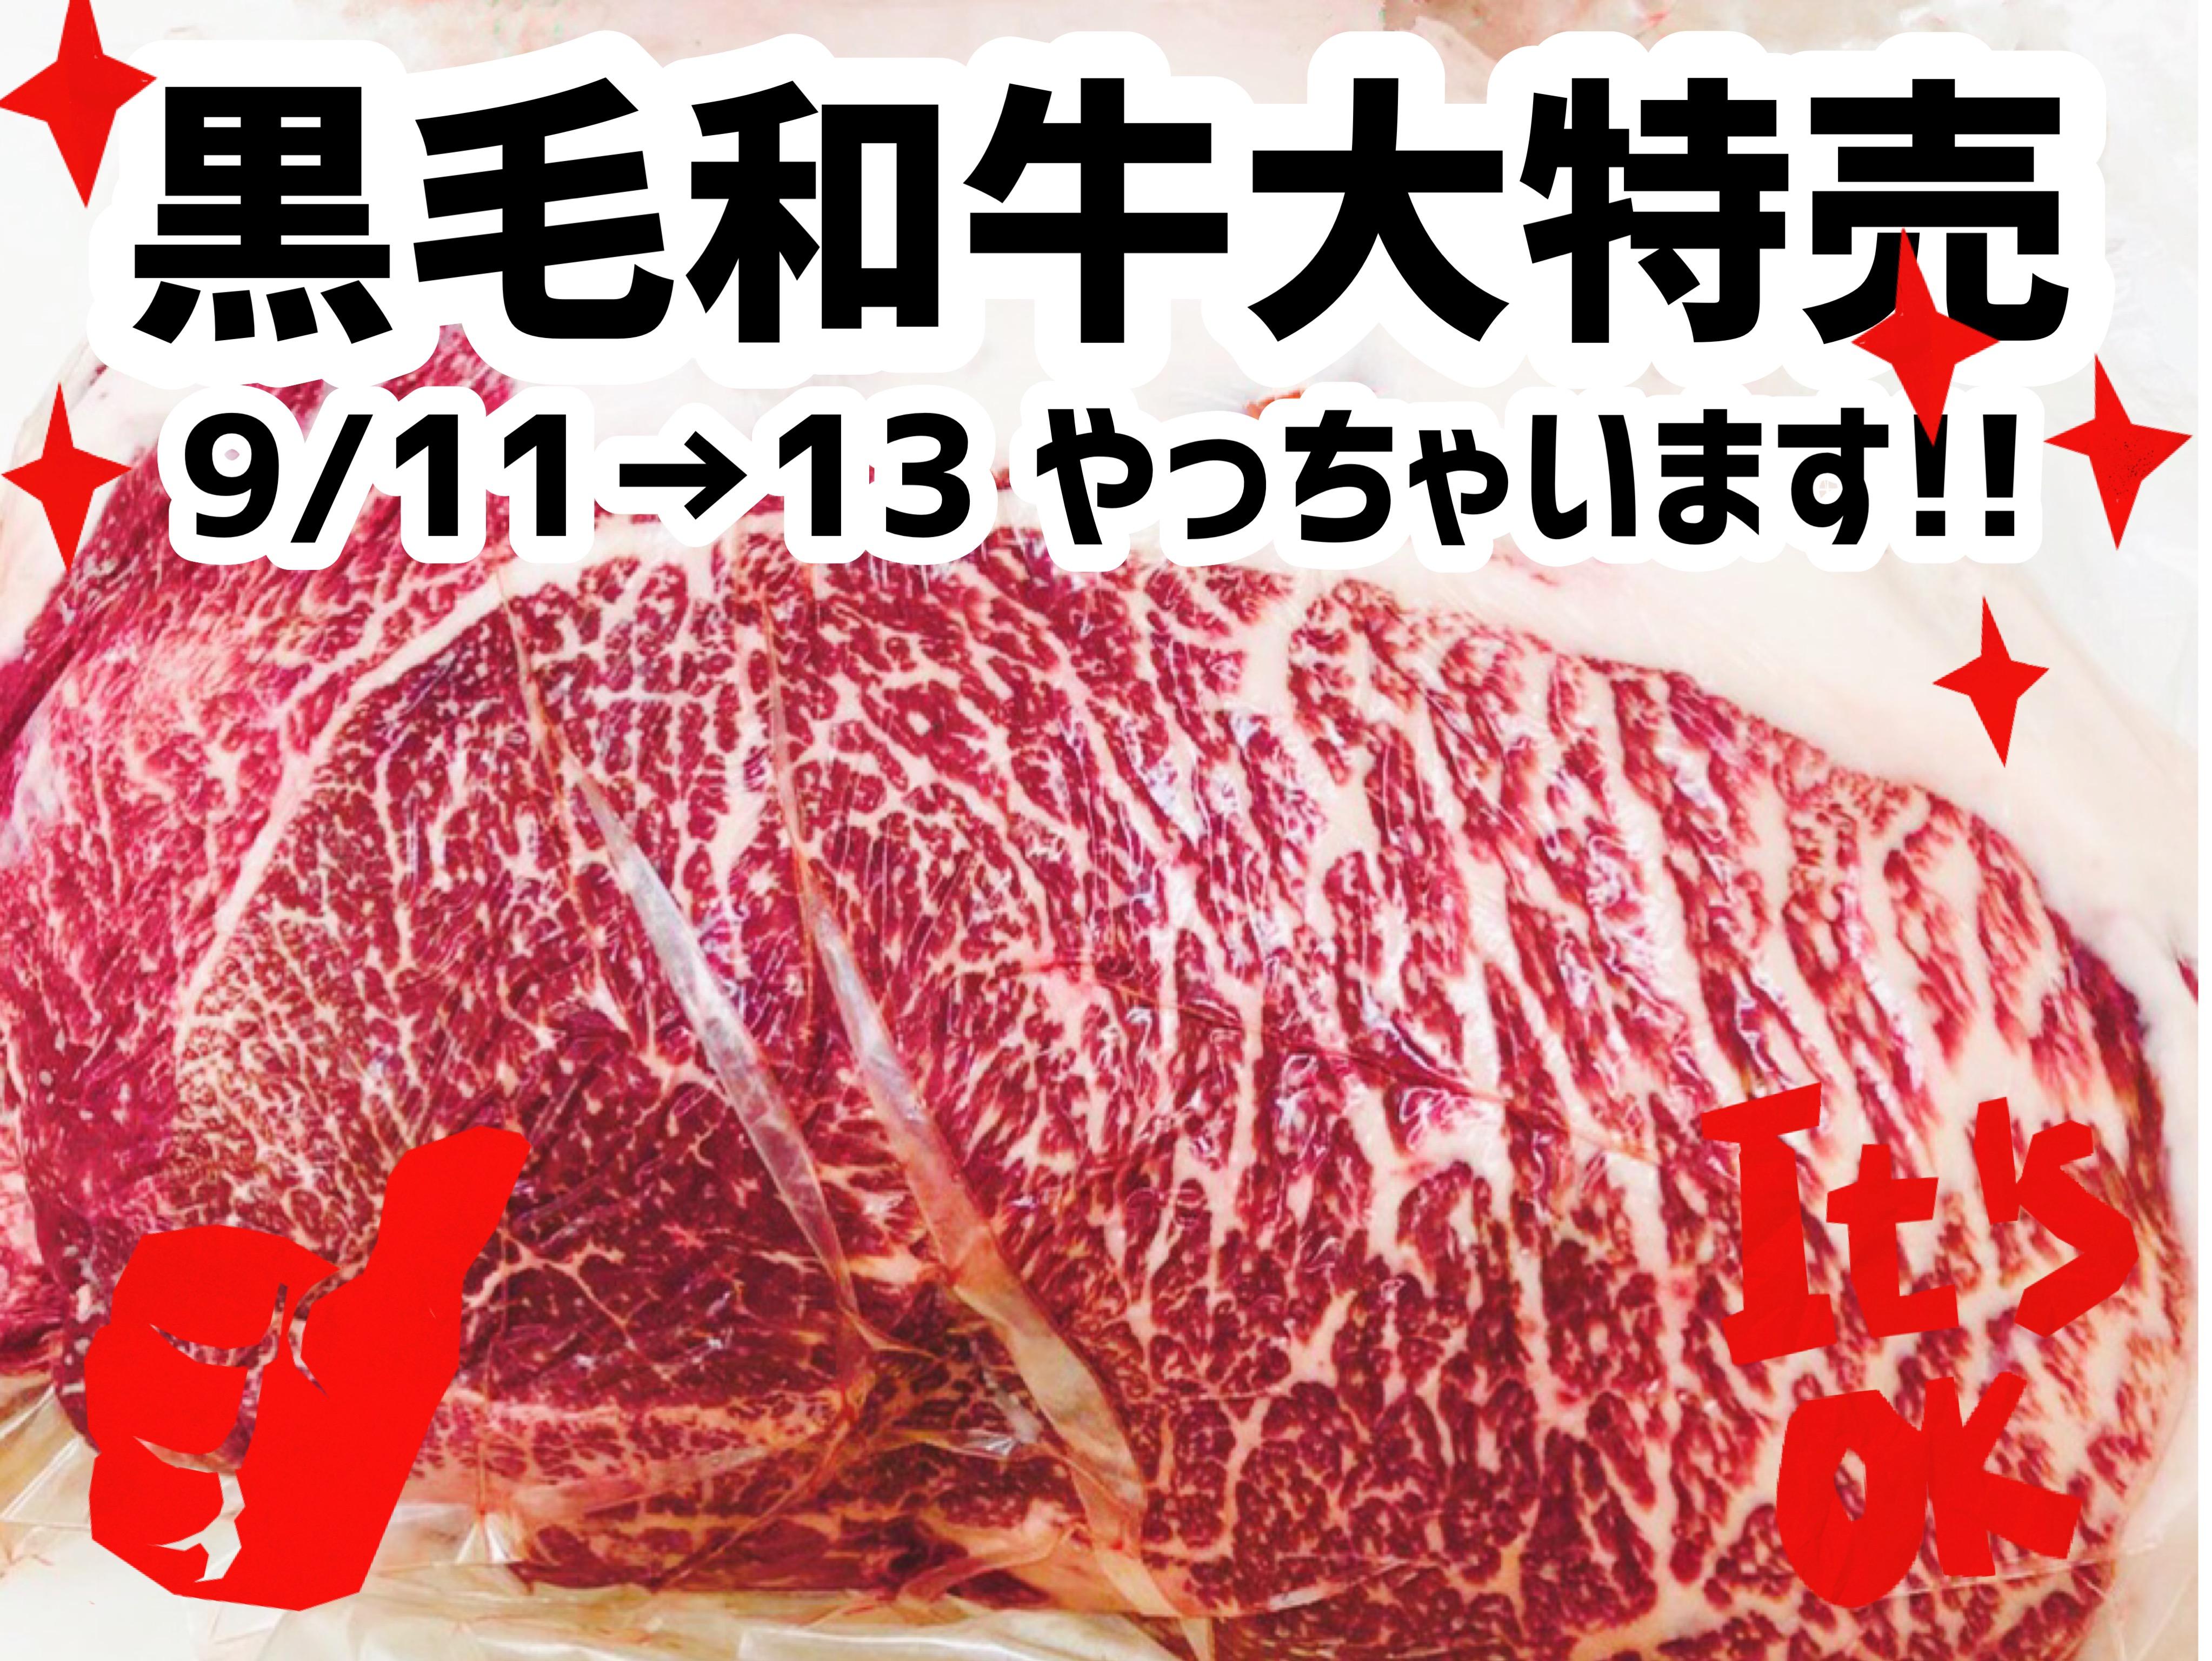 松阪牛&黒毛和牛セール開催中!